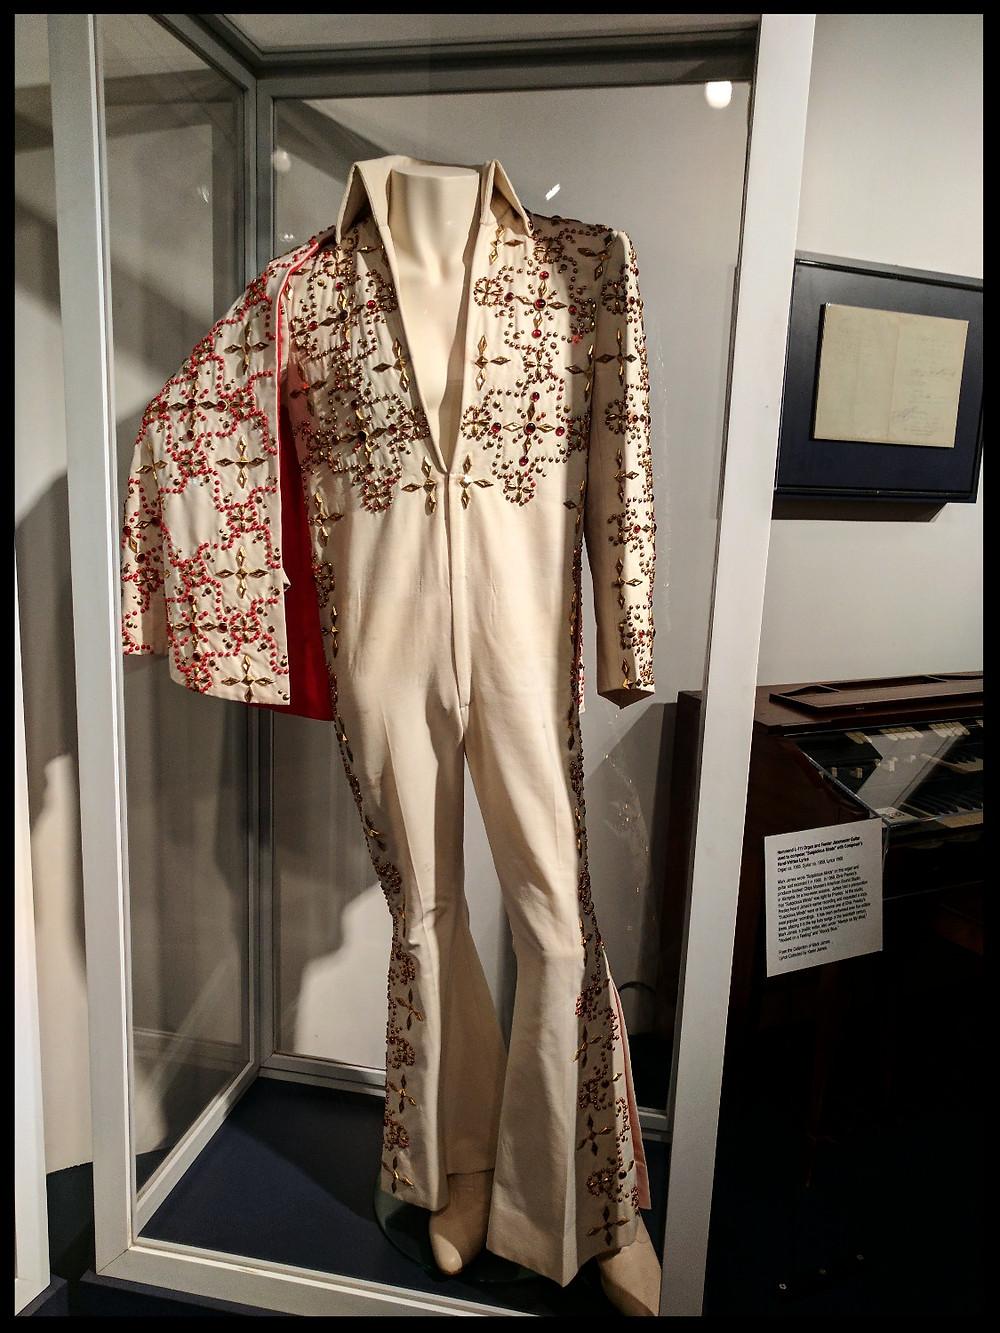 Elvis jumpsuit at theMemphis Rock 'n' Soul Museum